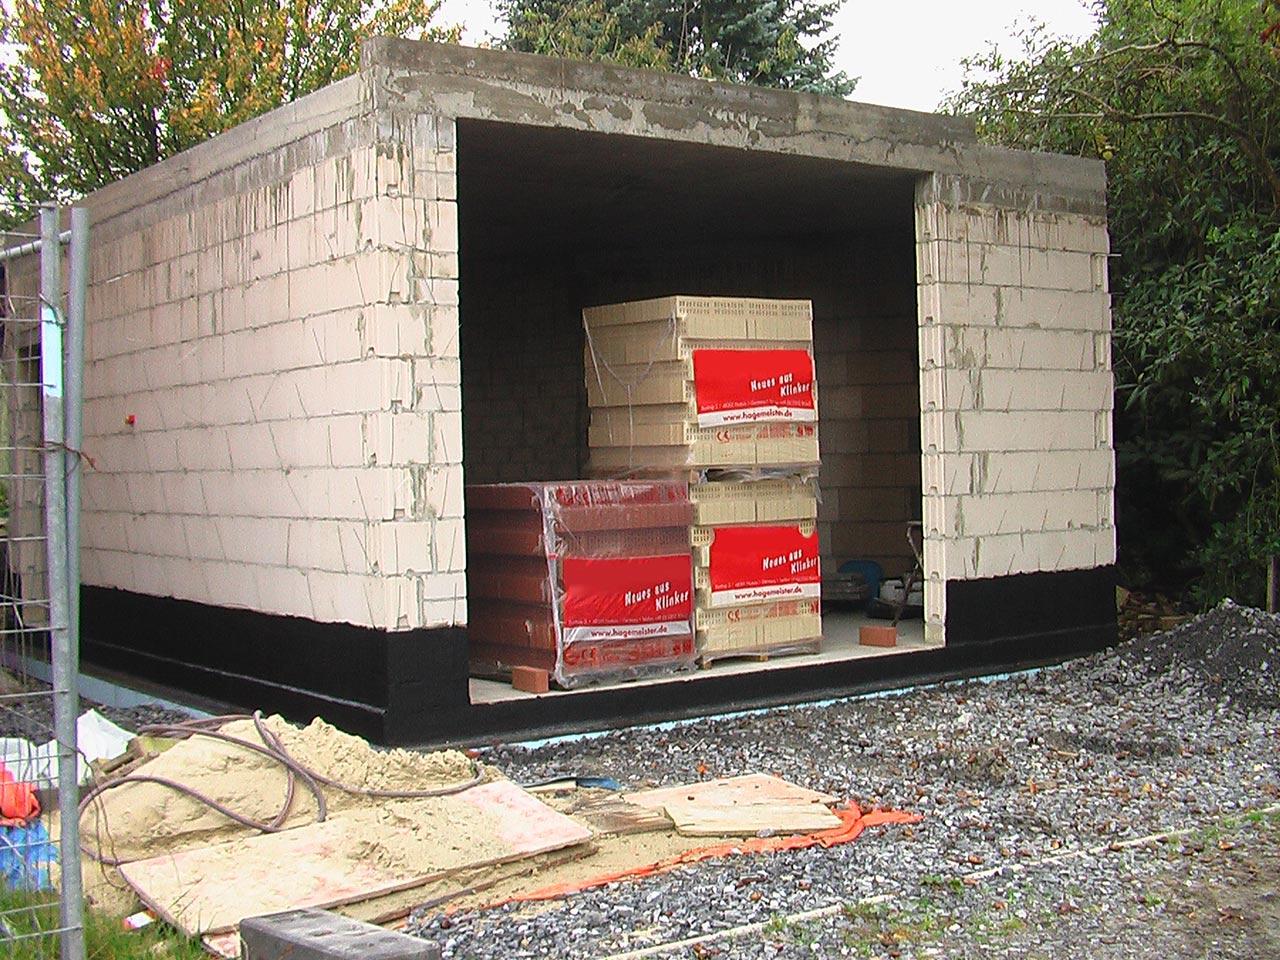 Anbau / Neubauarbeiten einer Garage